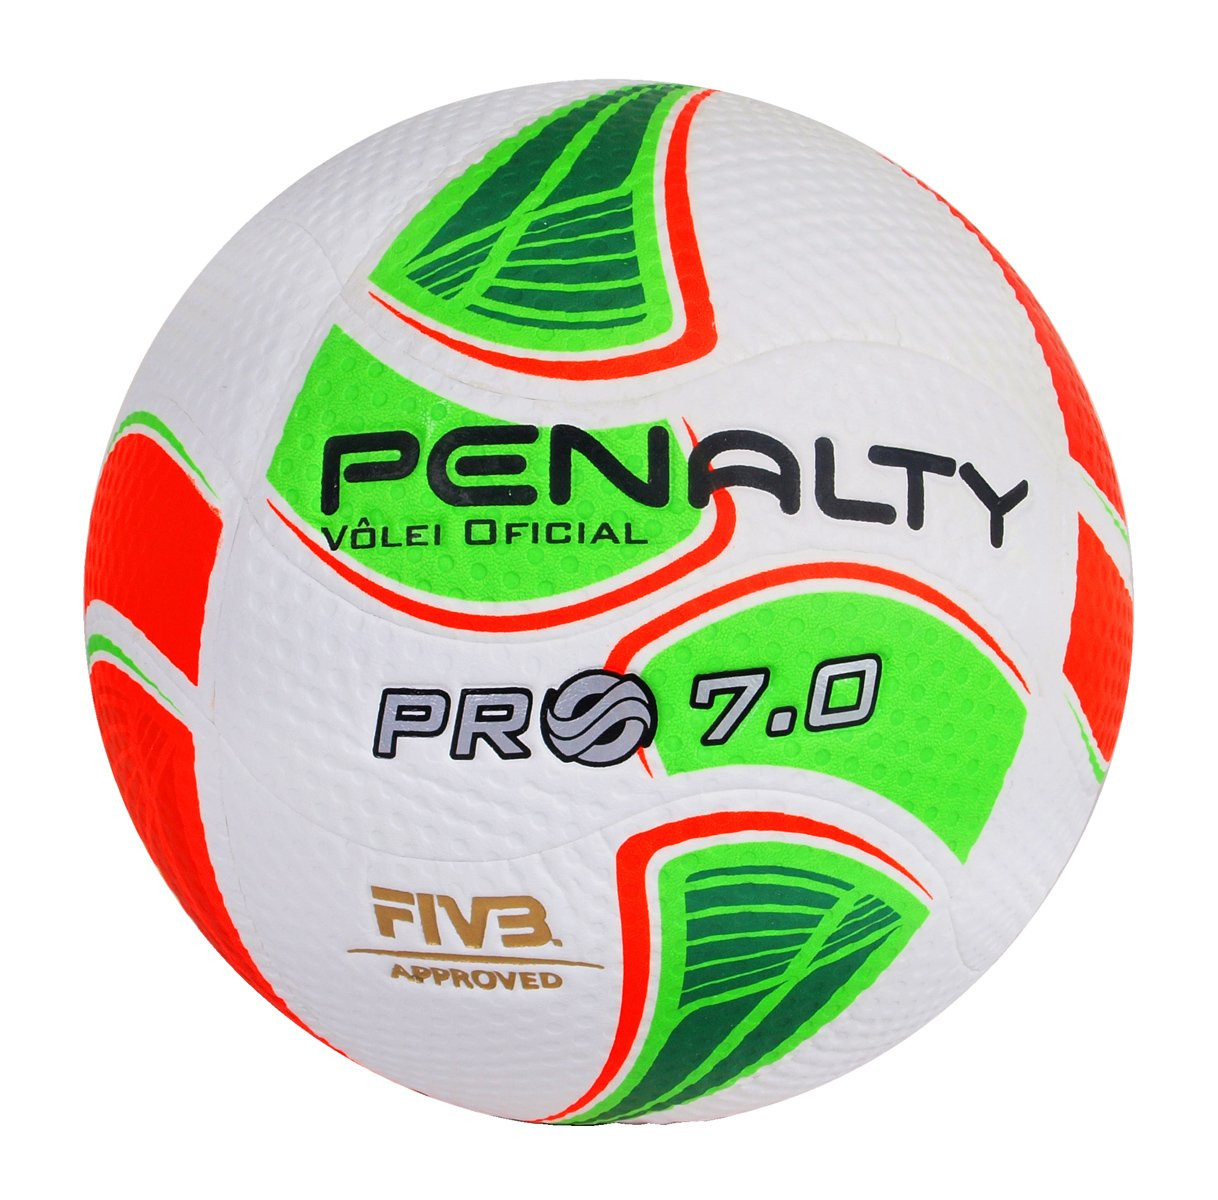 PENALTY Balón de Voleibol, Multicolor, 5: Amazon.es: Deportes y ...